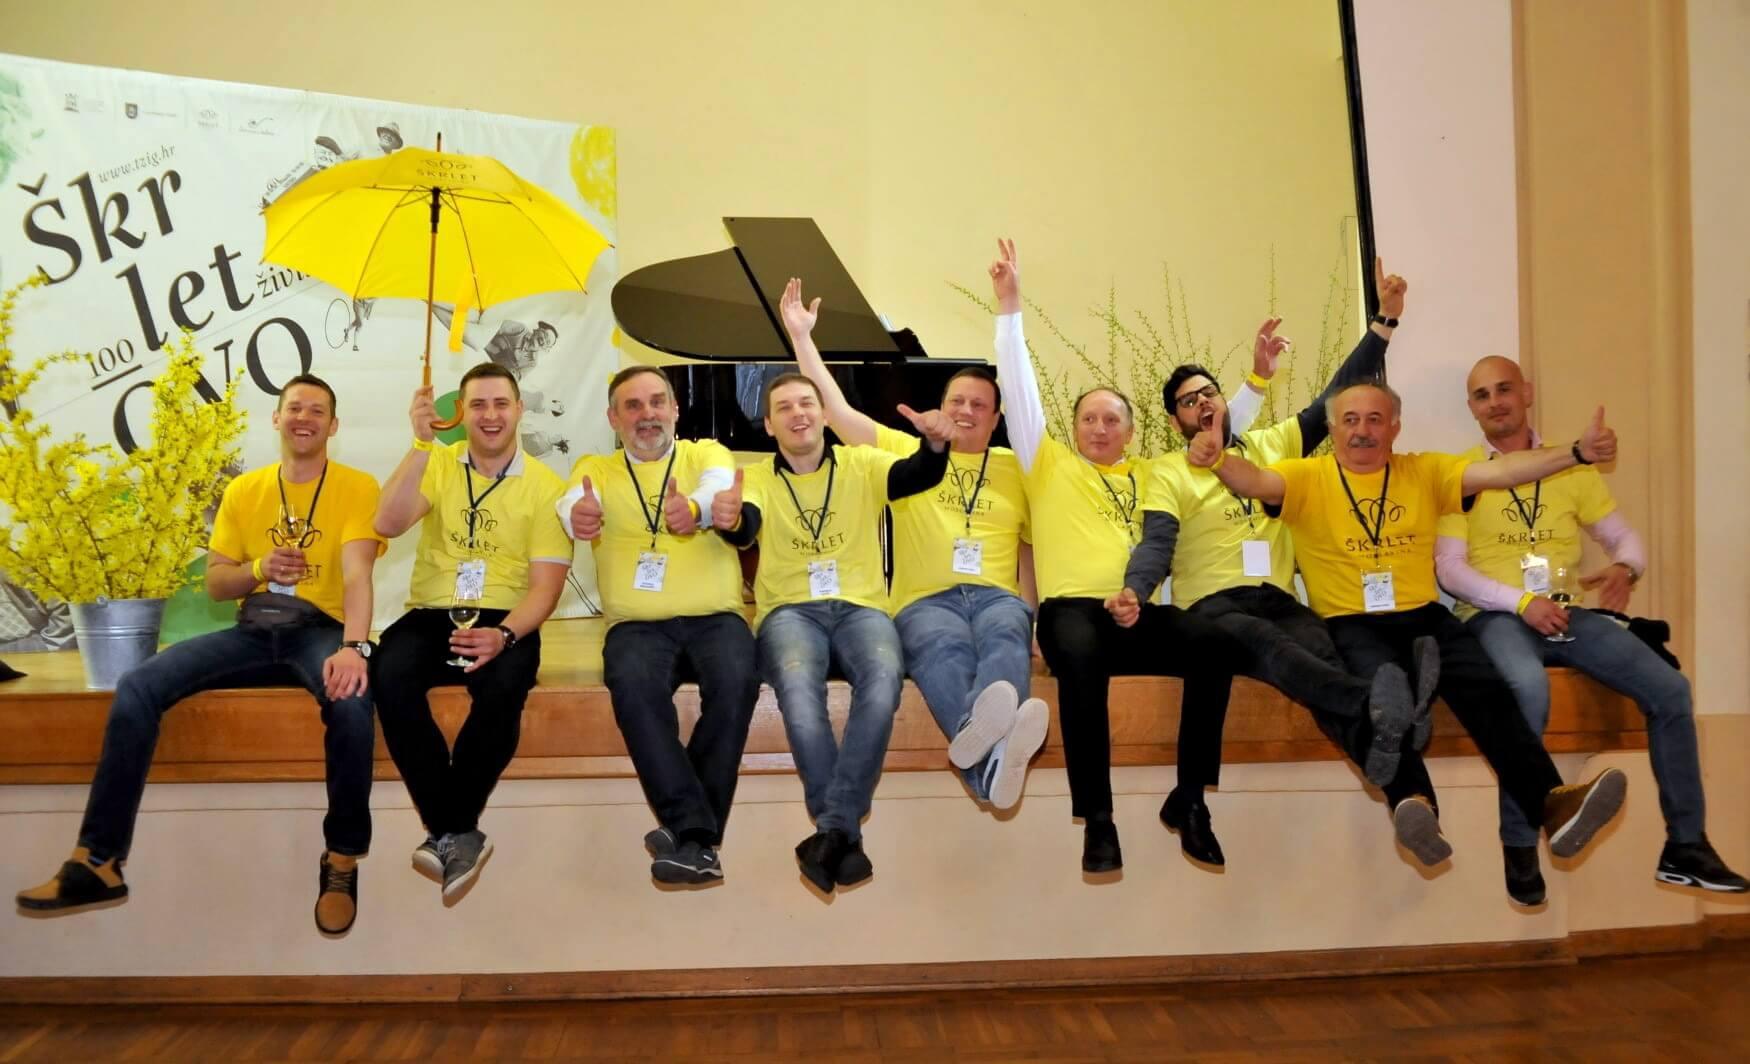 U petak, 06.12., premijerno kušanje mladih škrleta na zagrebačkom adventu!